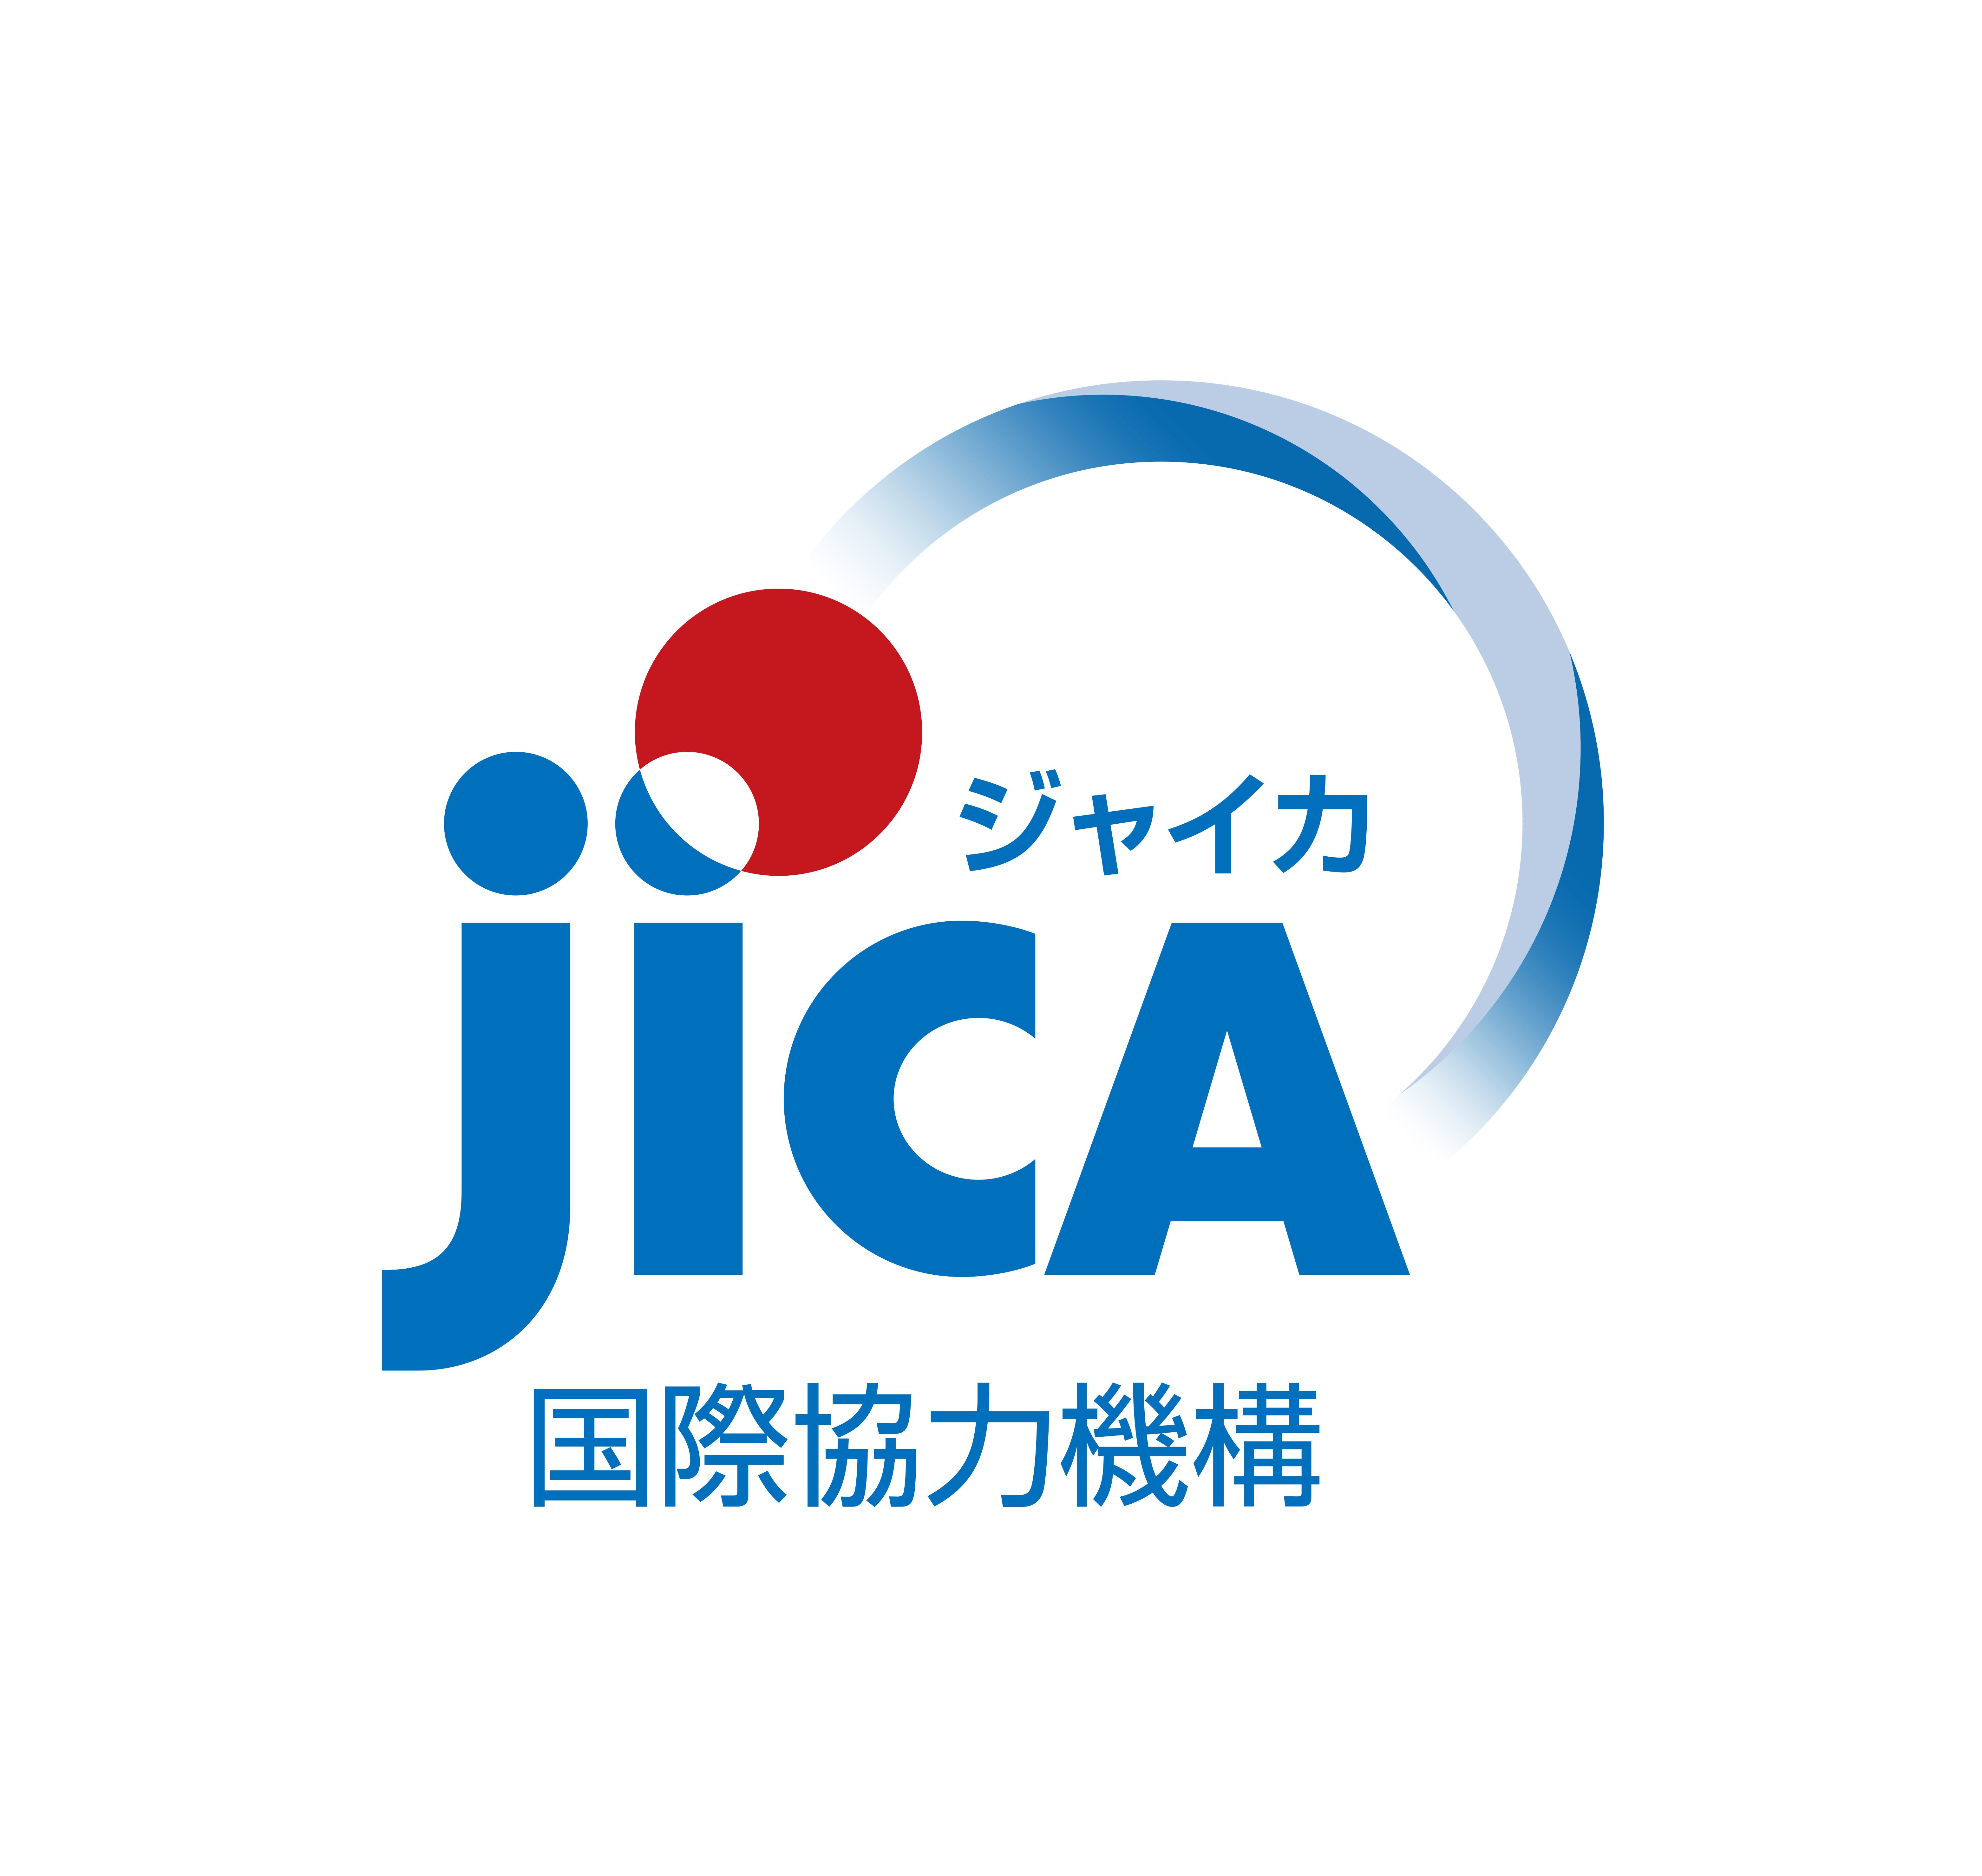 独立行政法人 国際協力機構ロゴ